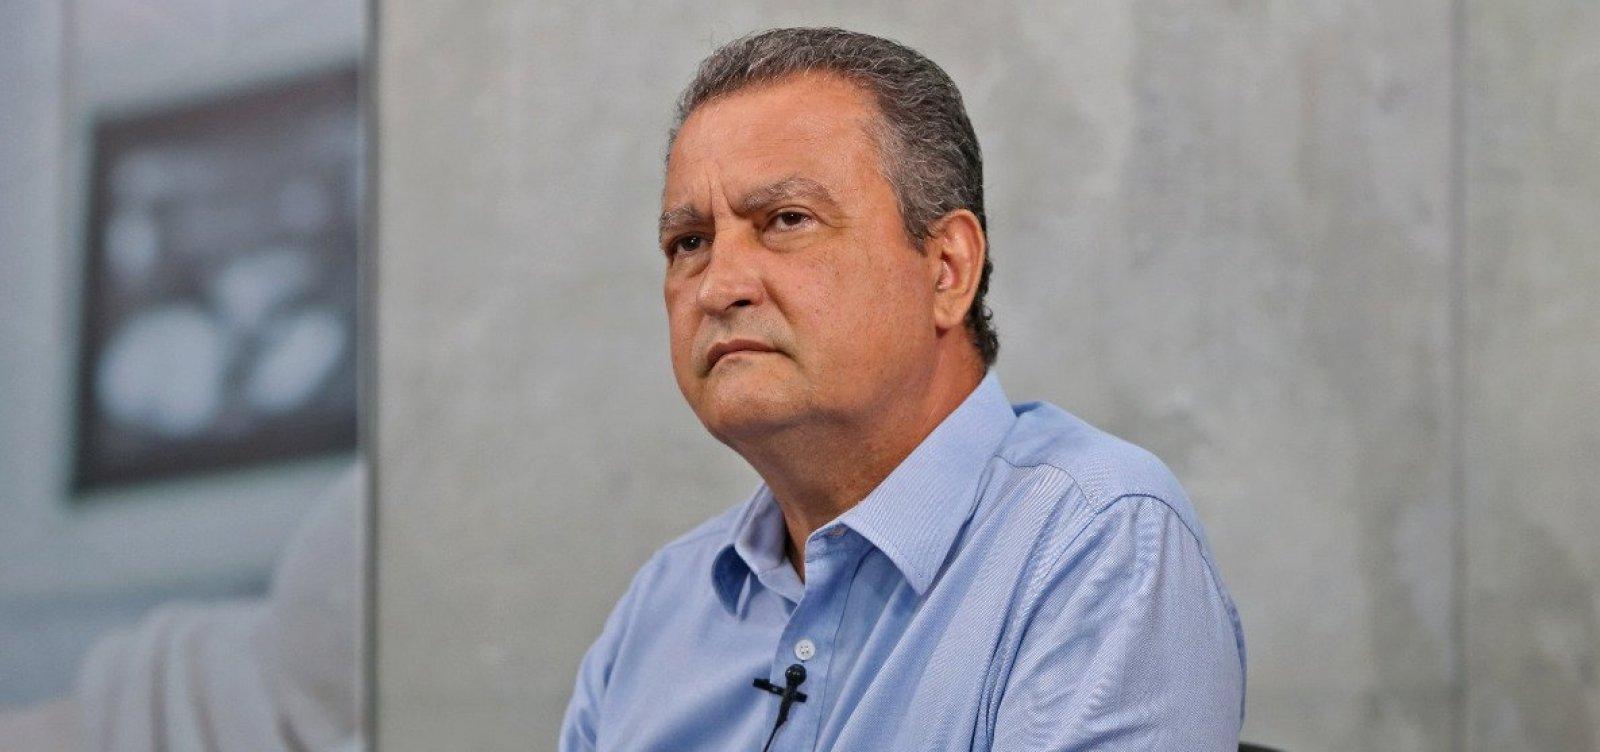 [Bahia não terá recursos até final de maio se taxa de contaminação continuar alta, estima Rui]